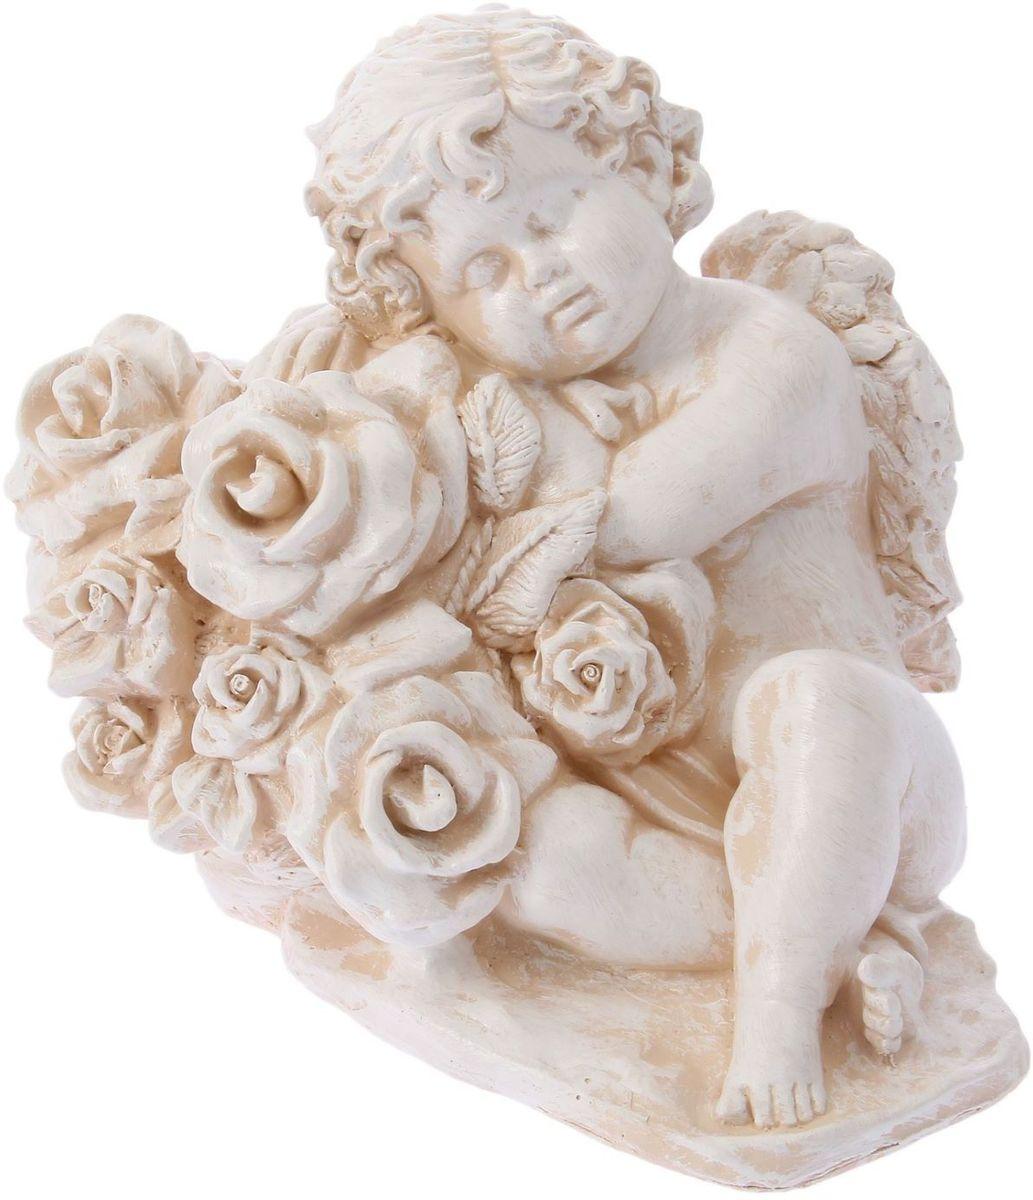 Фигура садовая Ангел с розами, цвет: бежевый, 25 х 18 х 30 см2380070Фигура садовая Ангел с розами - этот сувенир выполнен из качественного гипса. Фигура будет хранить воспоминание о месте, где вы побывали, или о том человеке, который подарил данный предмет.